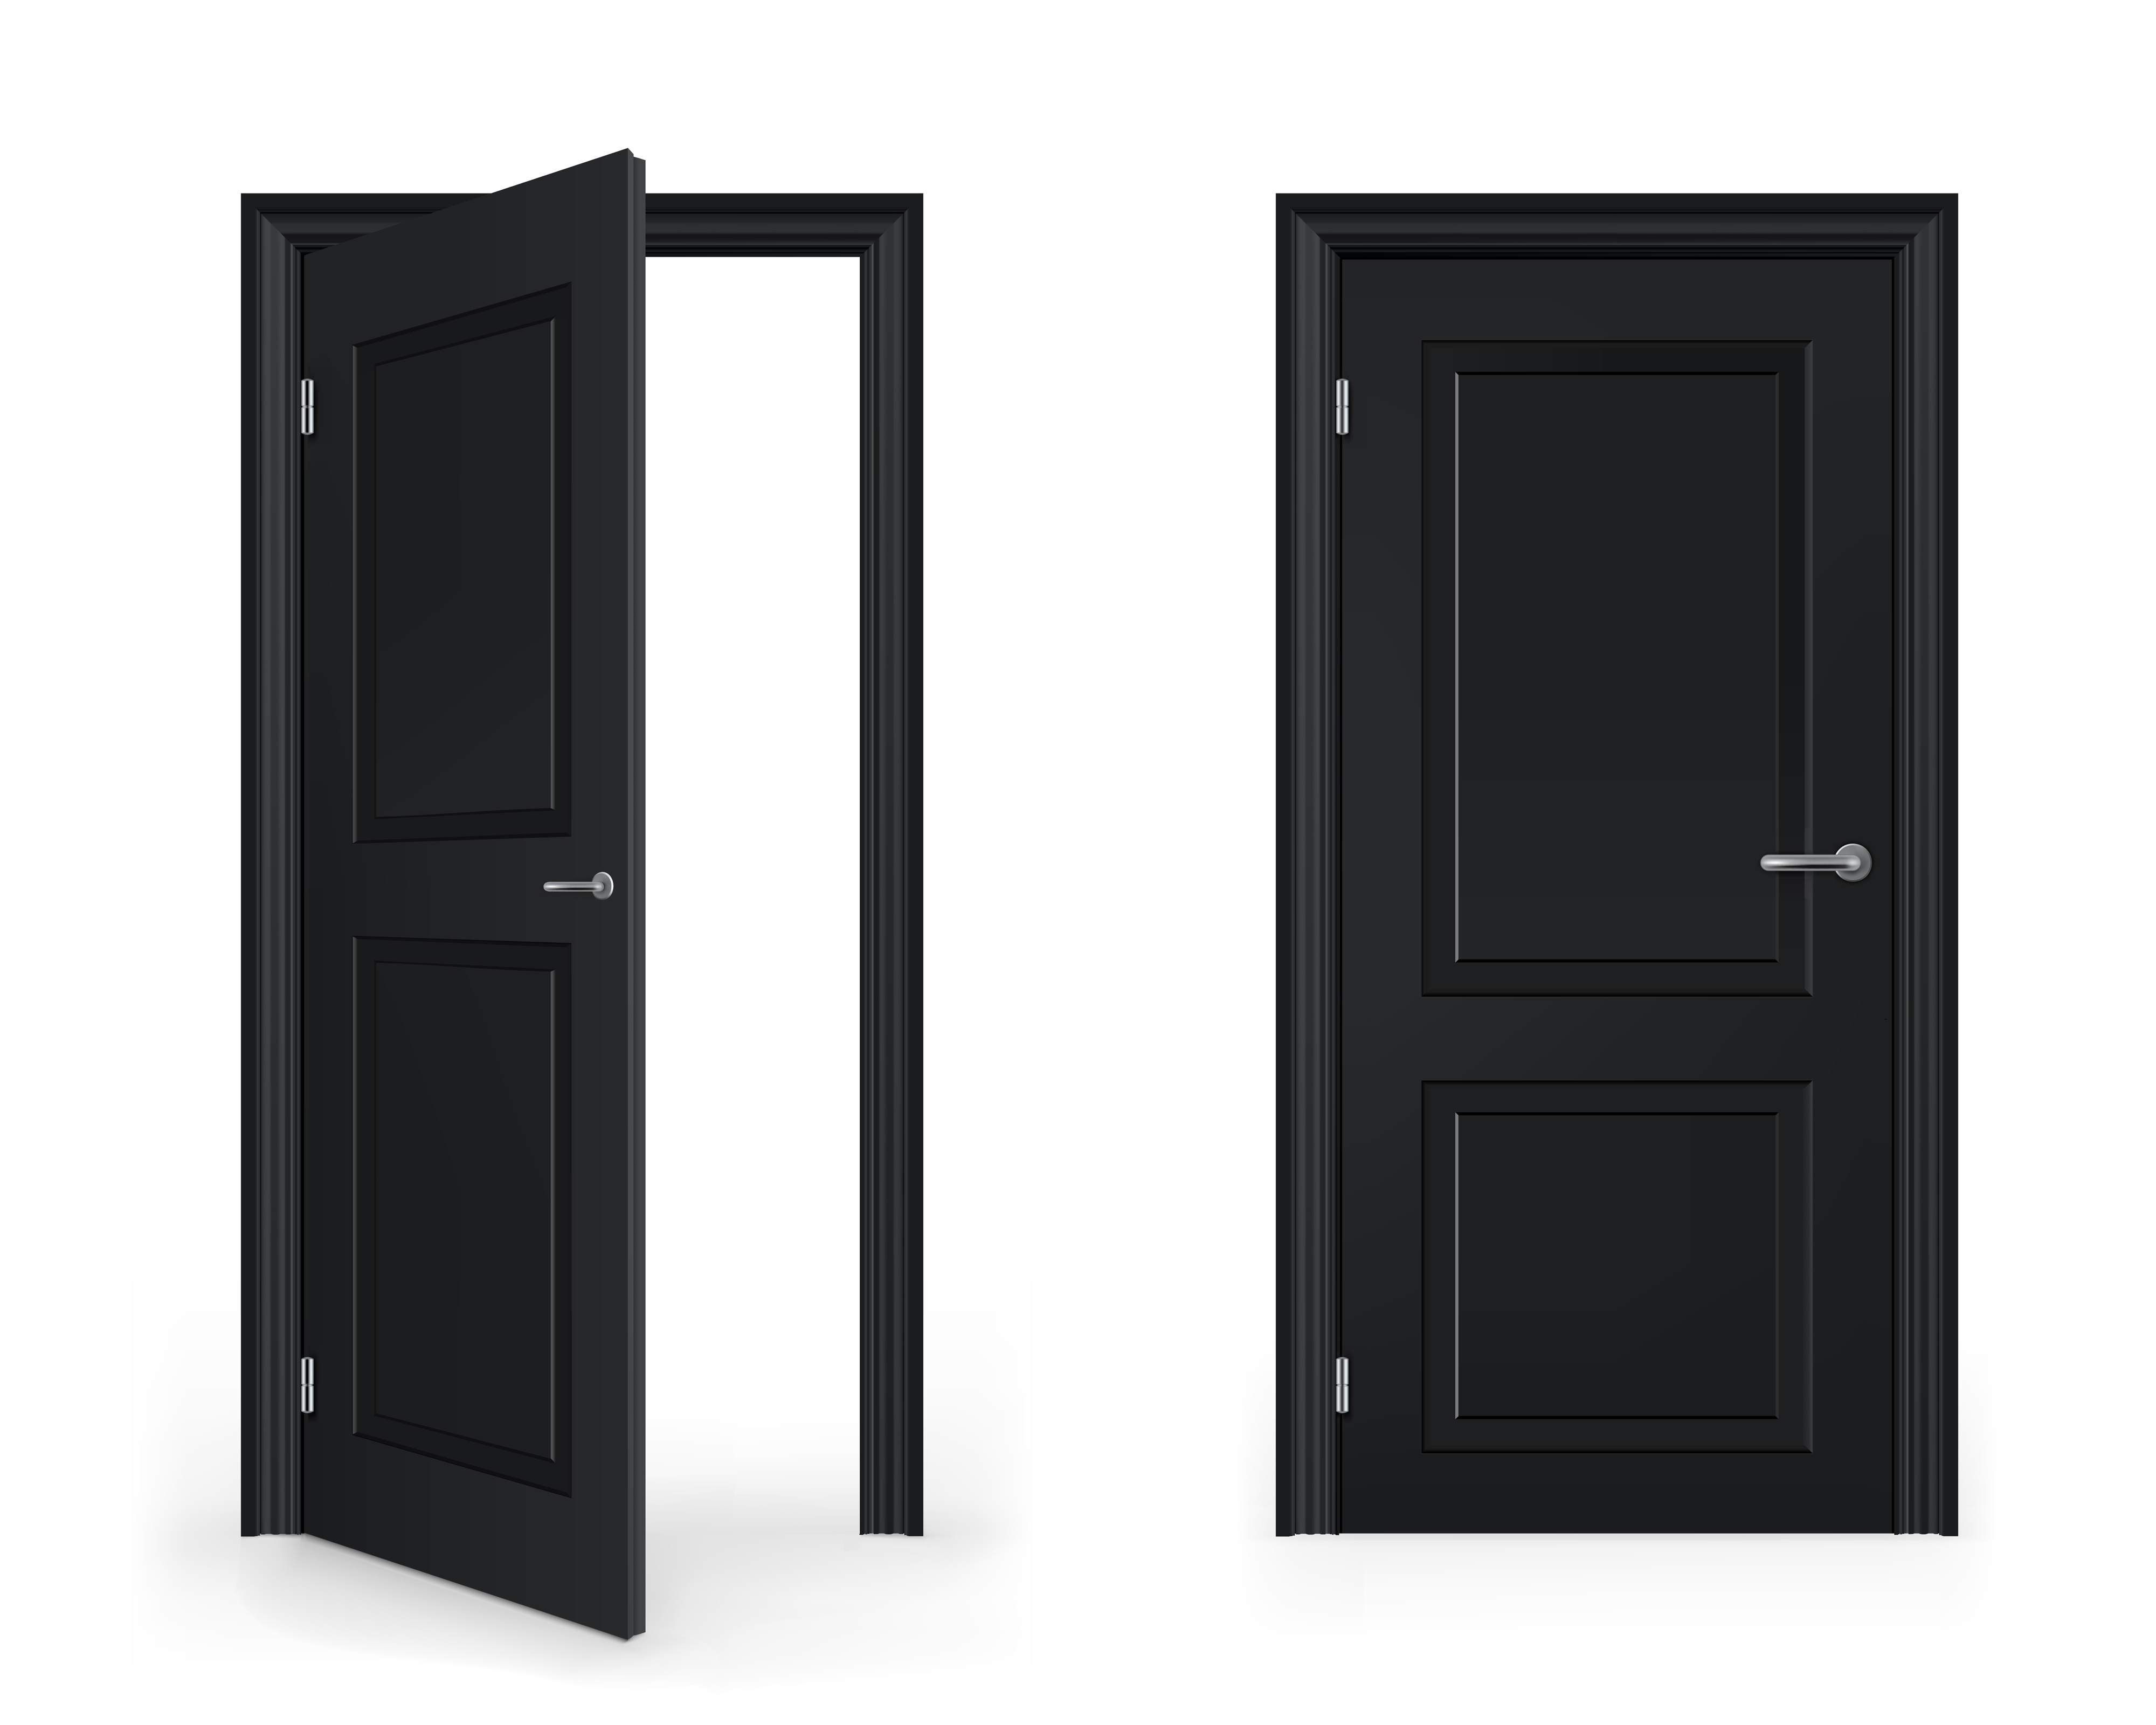 Free closed cliparts download. Door clipart slightly open door